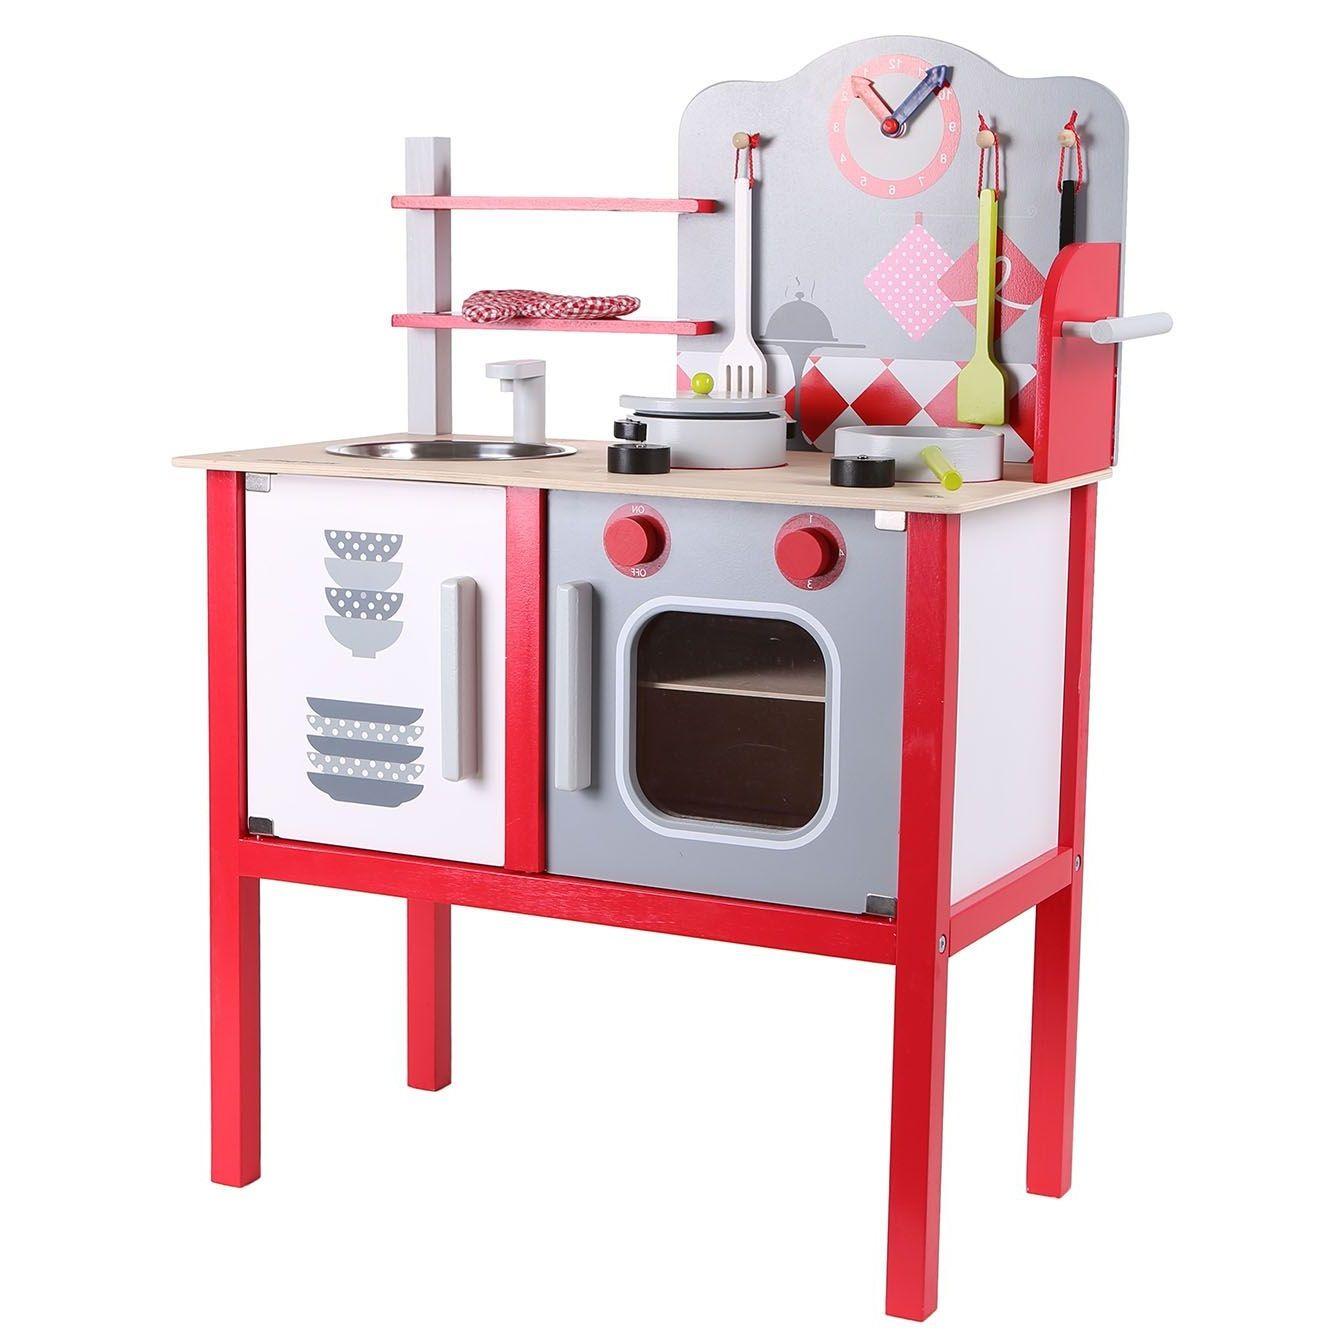 Kuchnia Drewniana Z Wyposazeniem Dla Dzieci Ecotoys